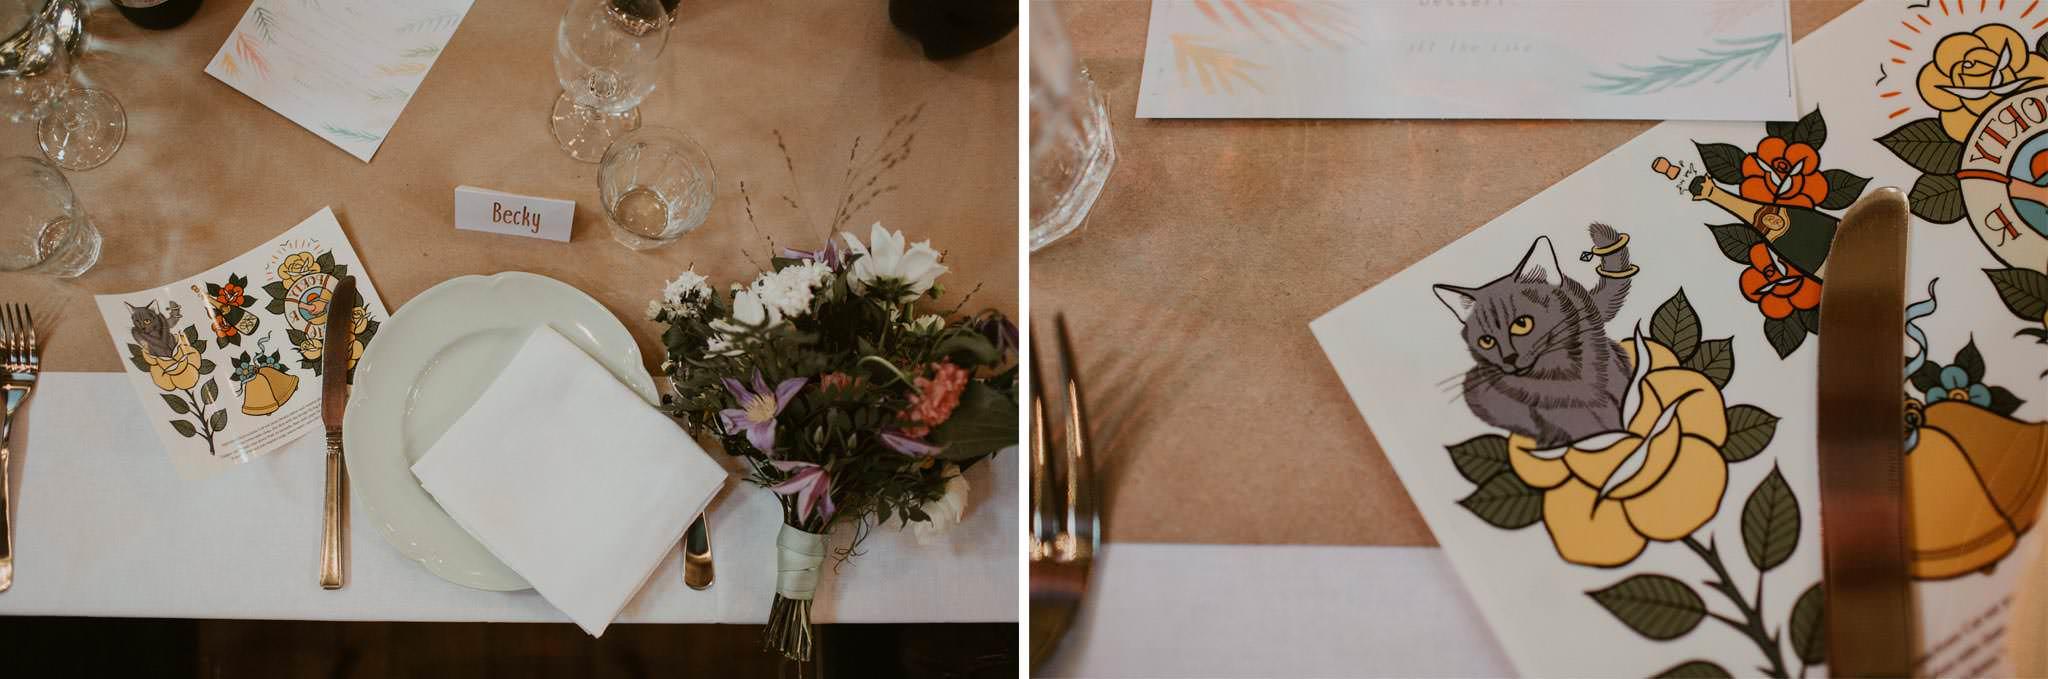 scottish-wedding-photography-130